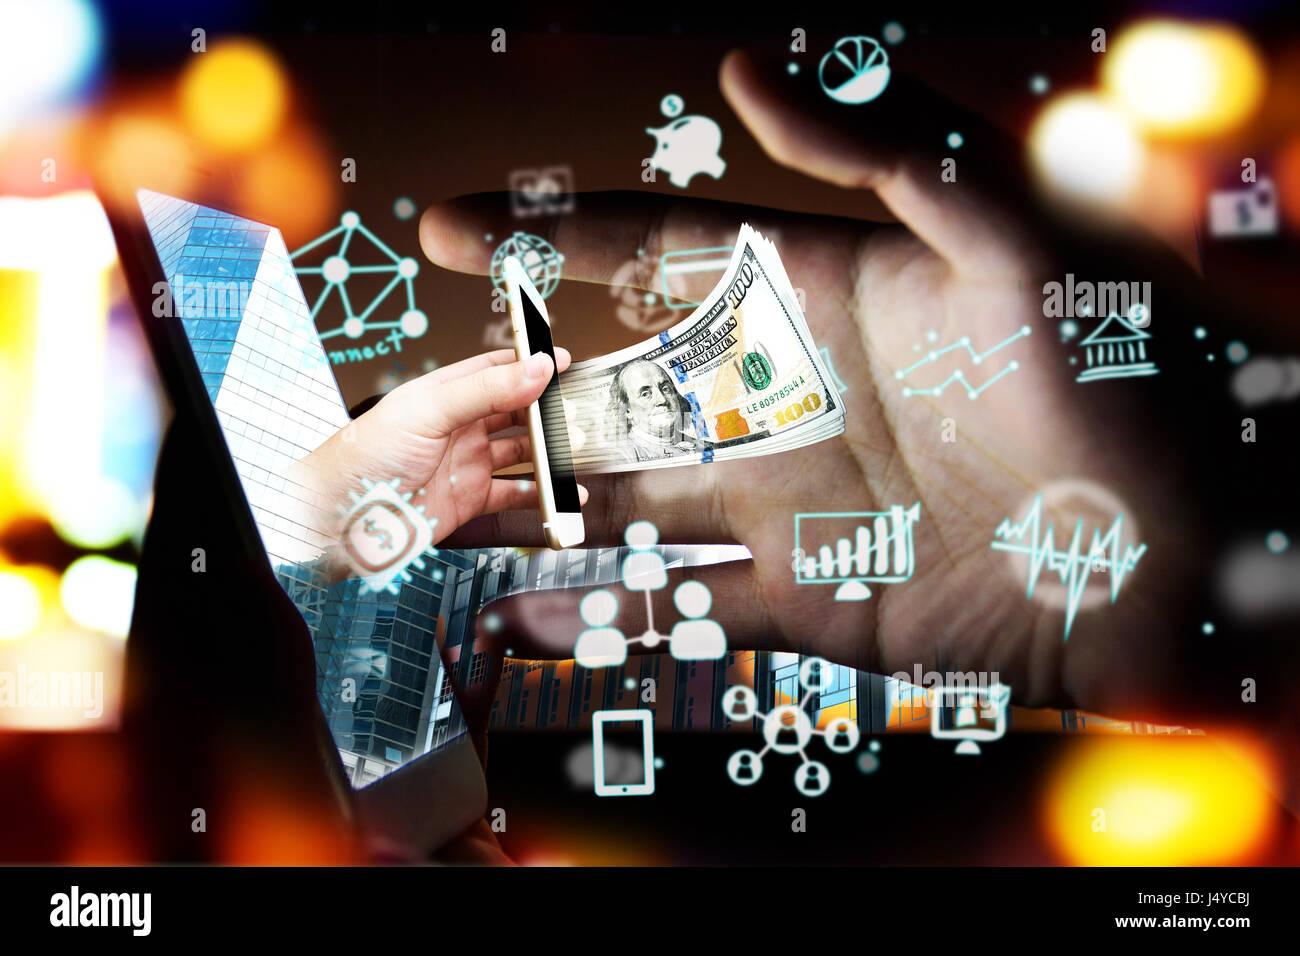 La technologie financière Investissement Fintech Concept. P2P concept Paiement libre.Startup crowdfunding et concept.réseau Banque D'Images